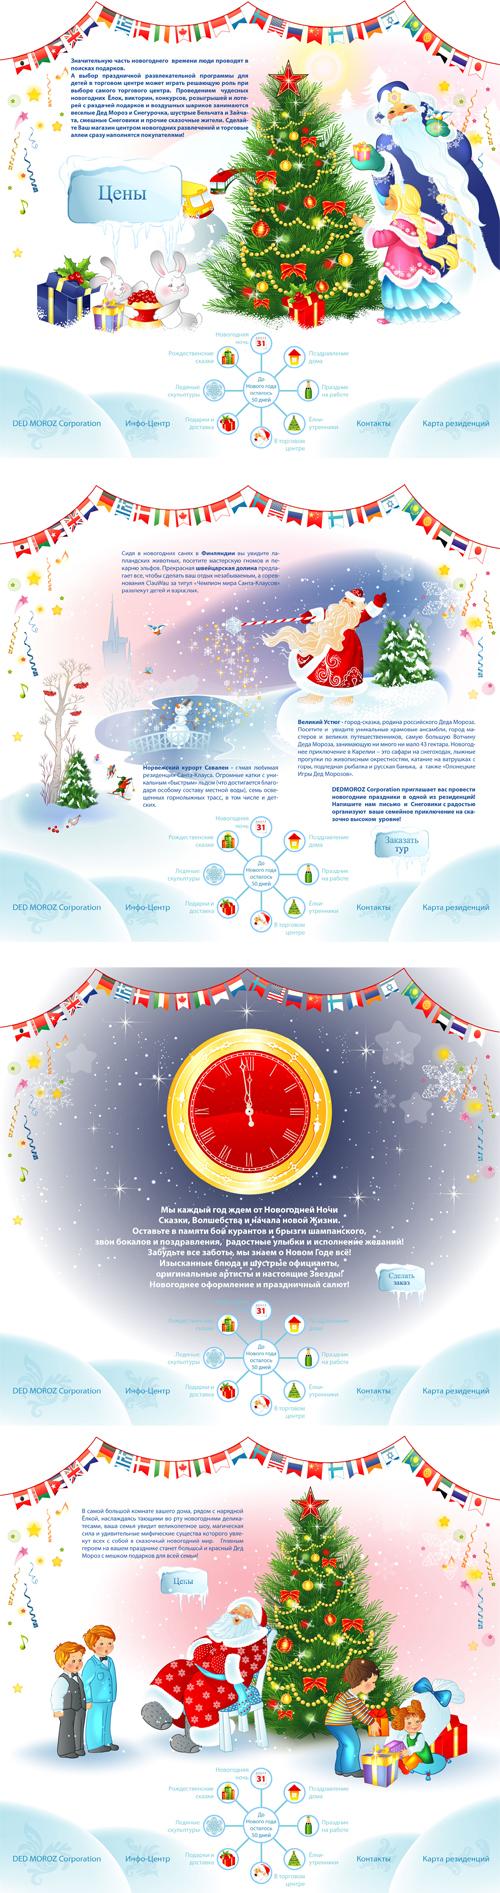 Серия иллюстраций для сайта новогодней тематики